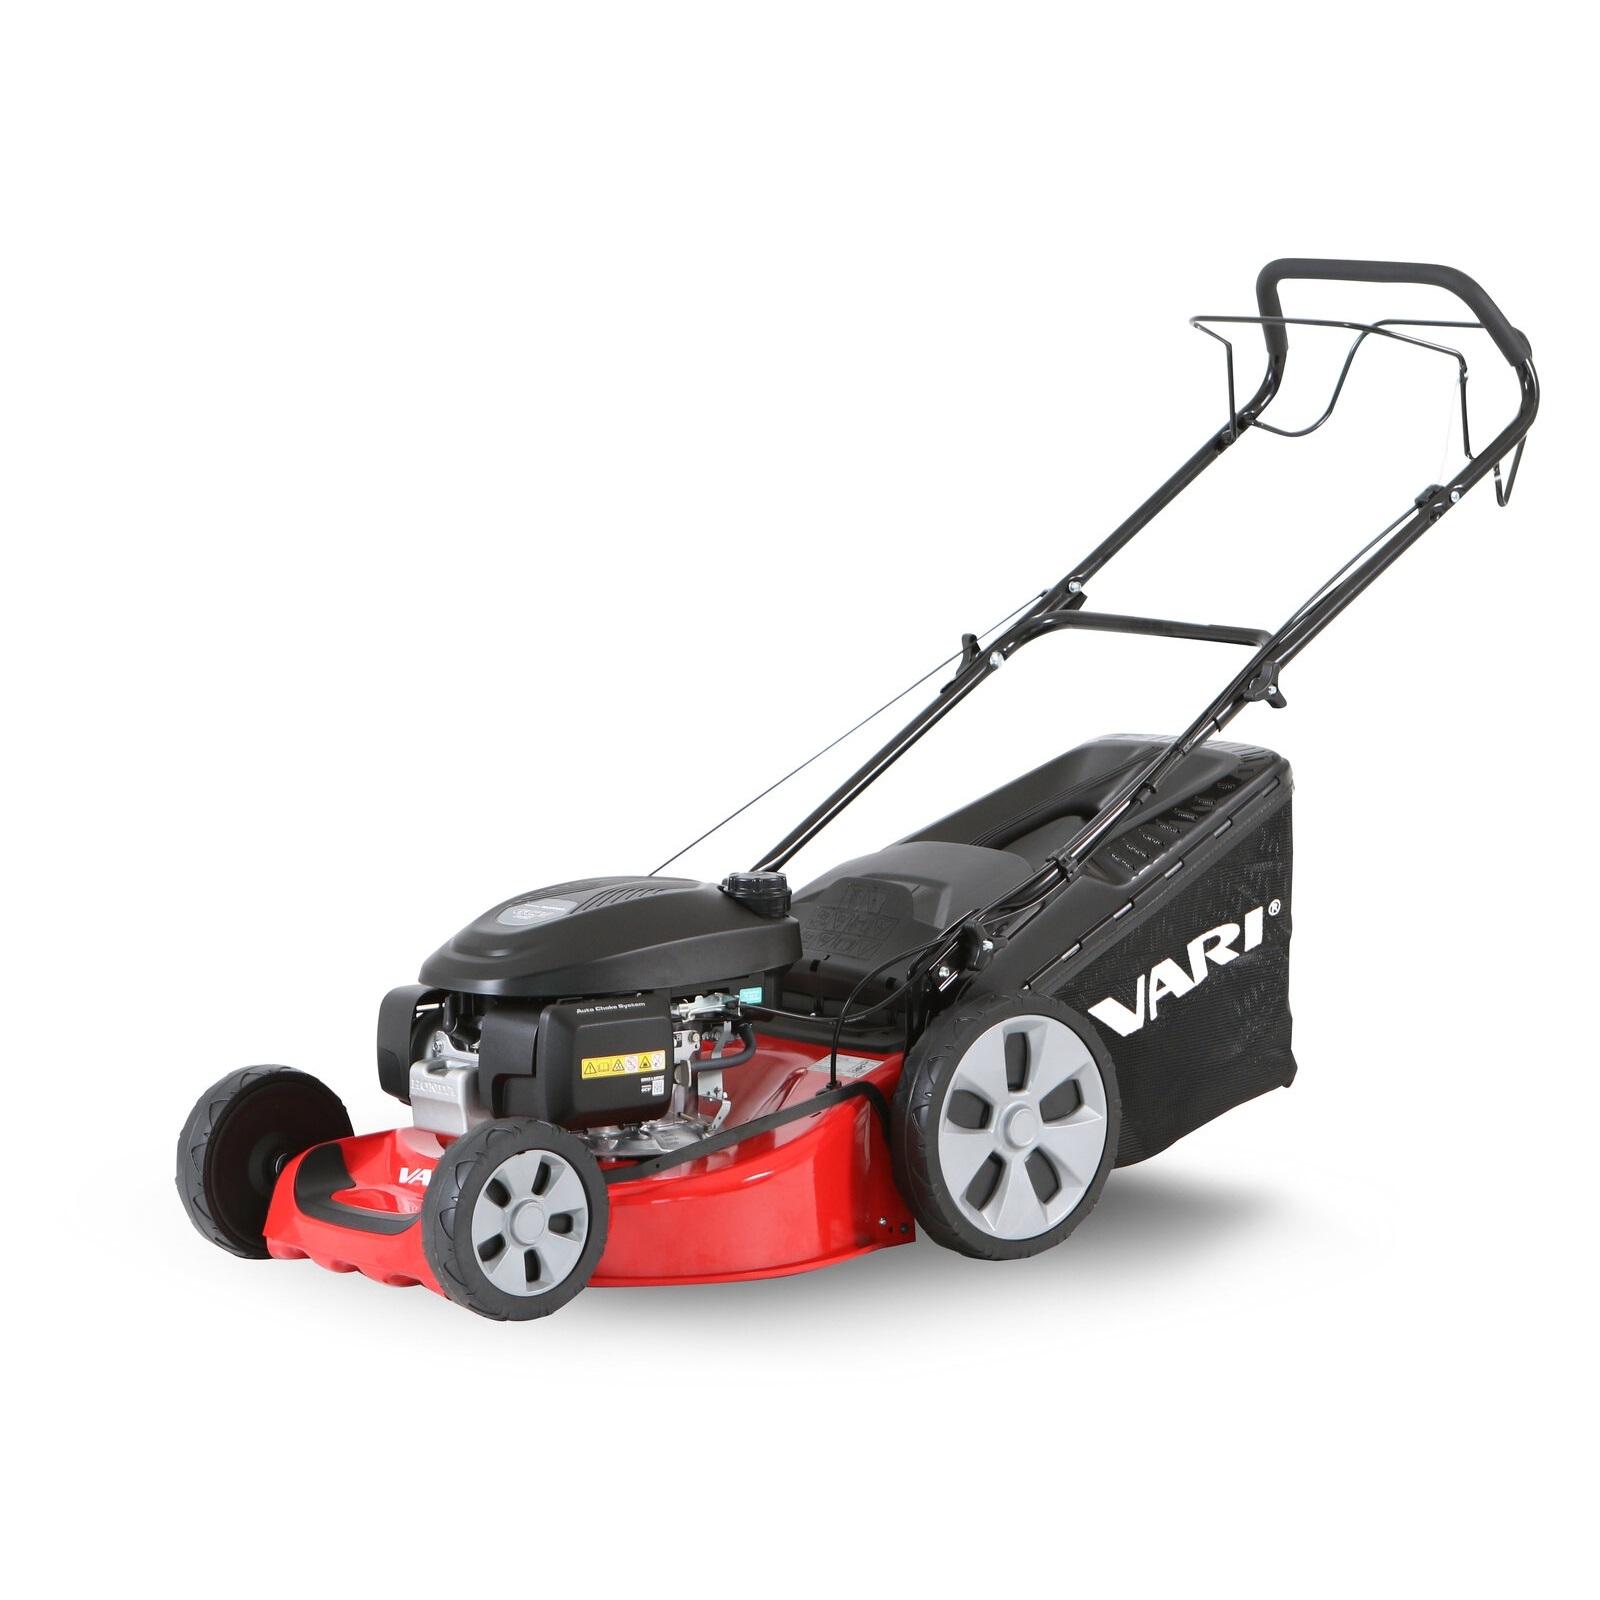 VARI CP1 484H Honda - sekačka motorová s pojezdem 2020 VARI 4565 L-11